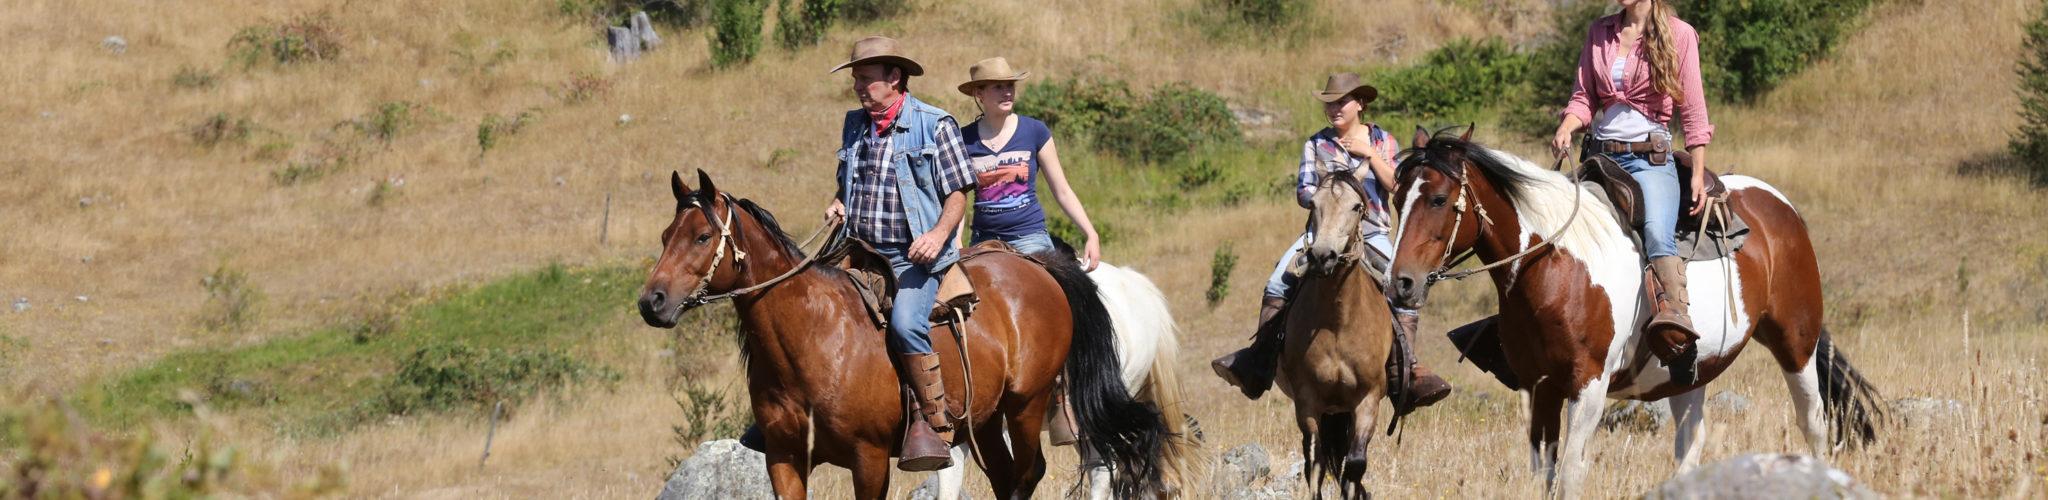 cabalgata balade cheval 2 (3)